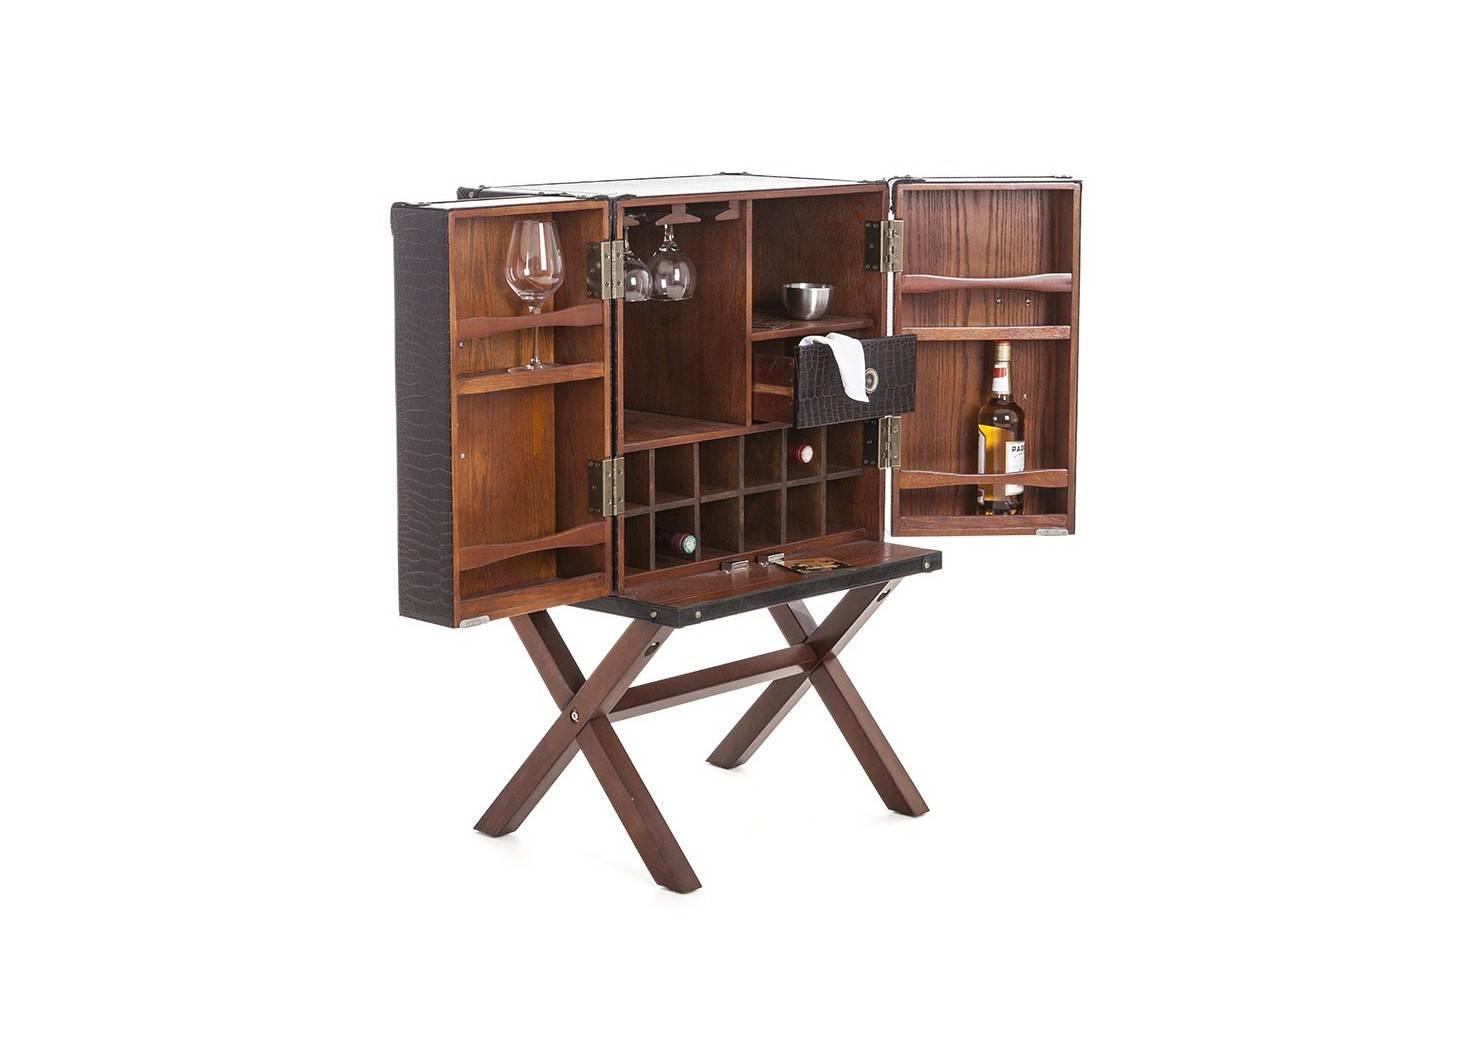 Meuble bar - Malle bar sur stand Cap Horn - Petit modèle - Simili cuir croco marron foncé